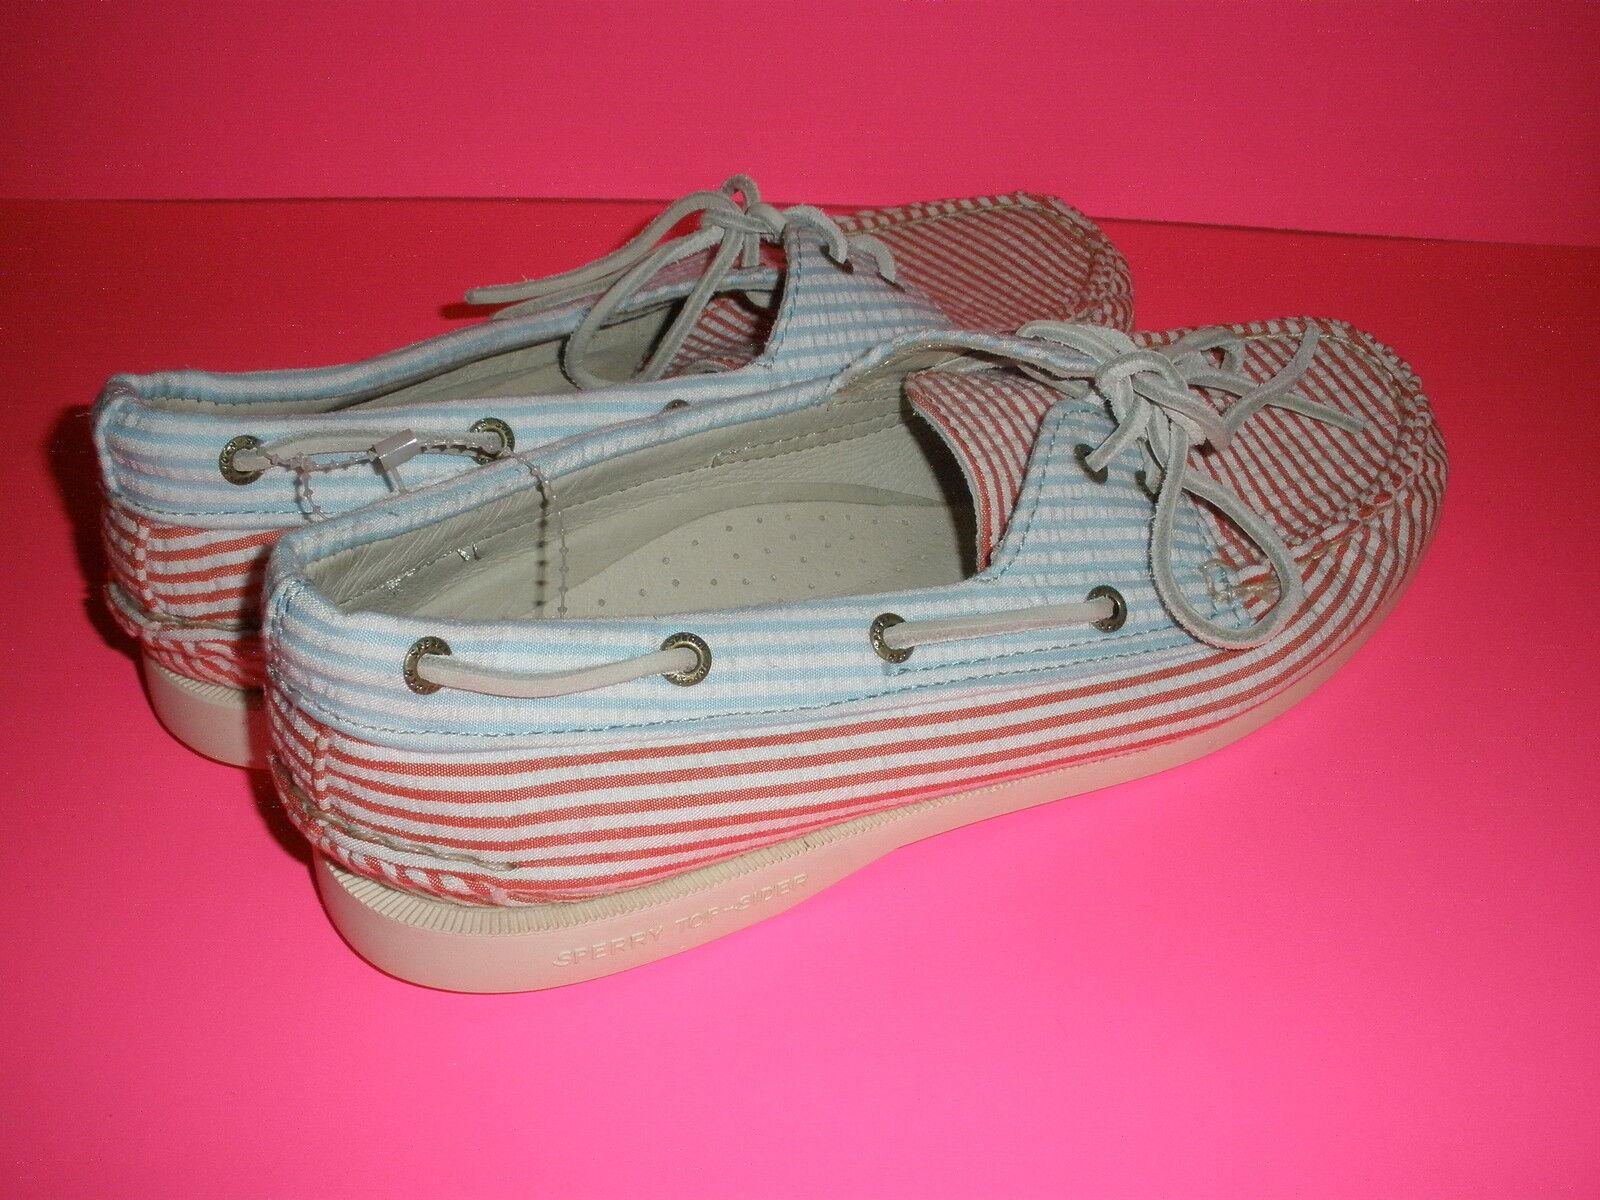 Sperry Top-Sider para J. Crew Totalmente Para Mujer Zapatos Náuticos Seersucker Totalmente Crew Nuevo 551457